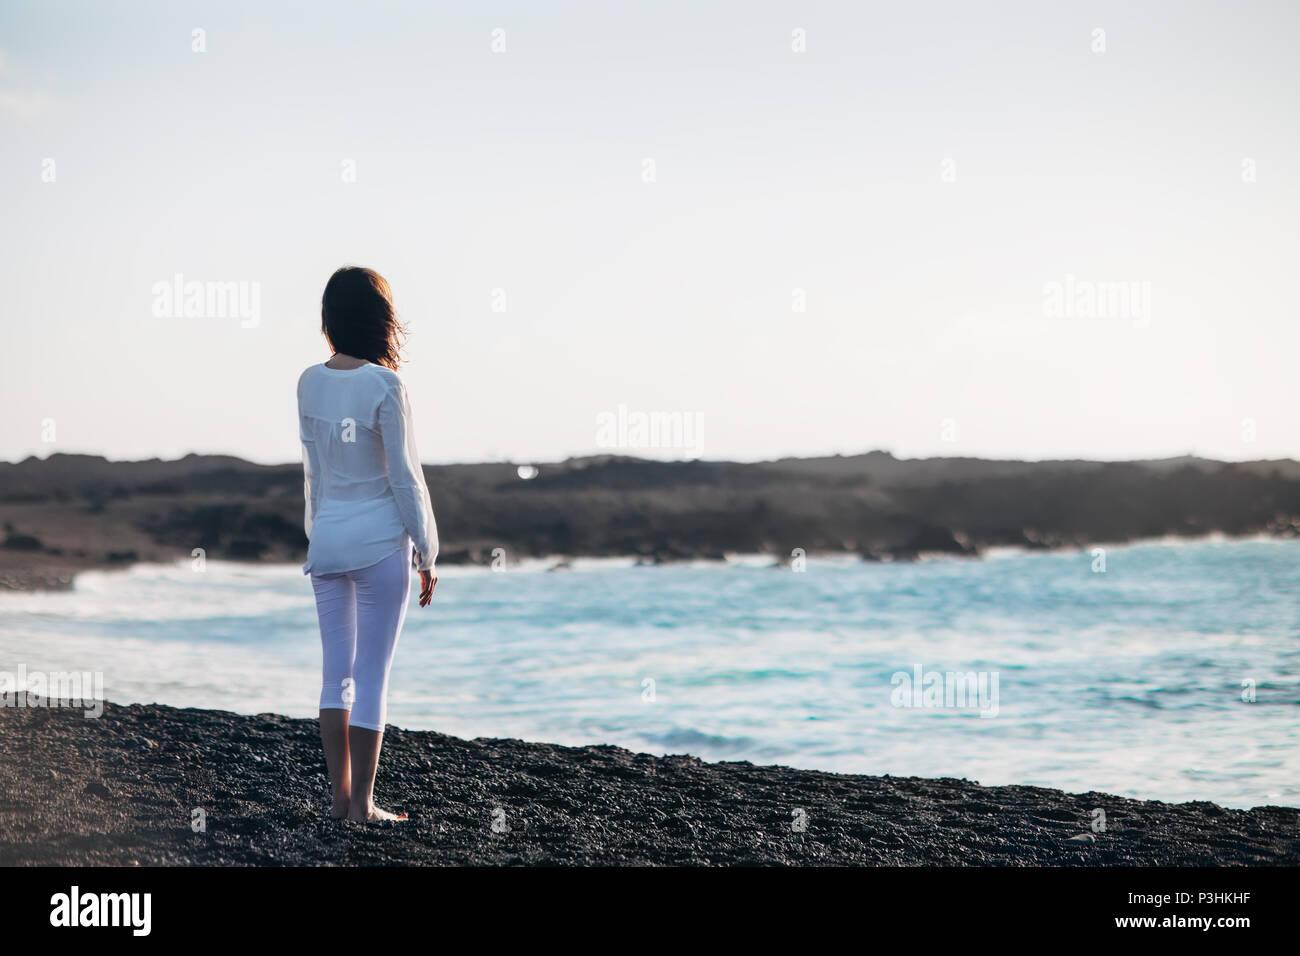 Rückansicht des Jungen einsame Frau genießen Ozean auf schwarzem Sand Strand. Kanarische Inseln, Spanien. Einsamkeit Konzept Stockbild